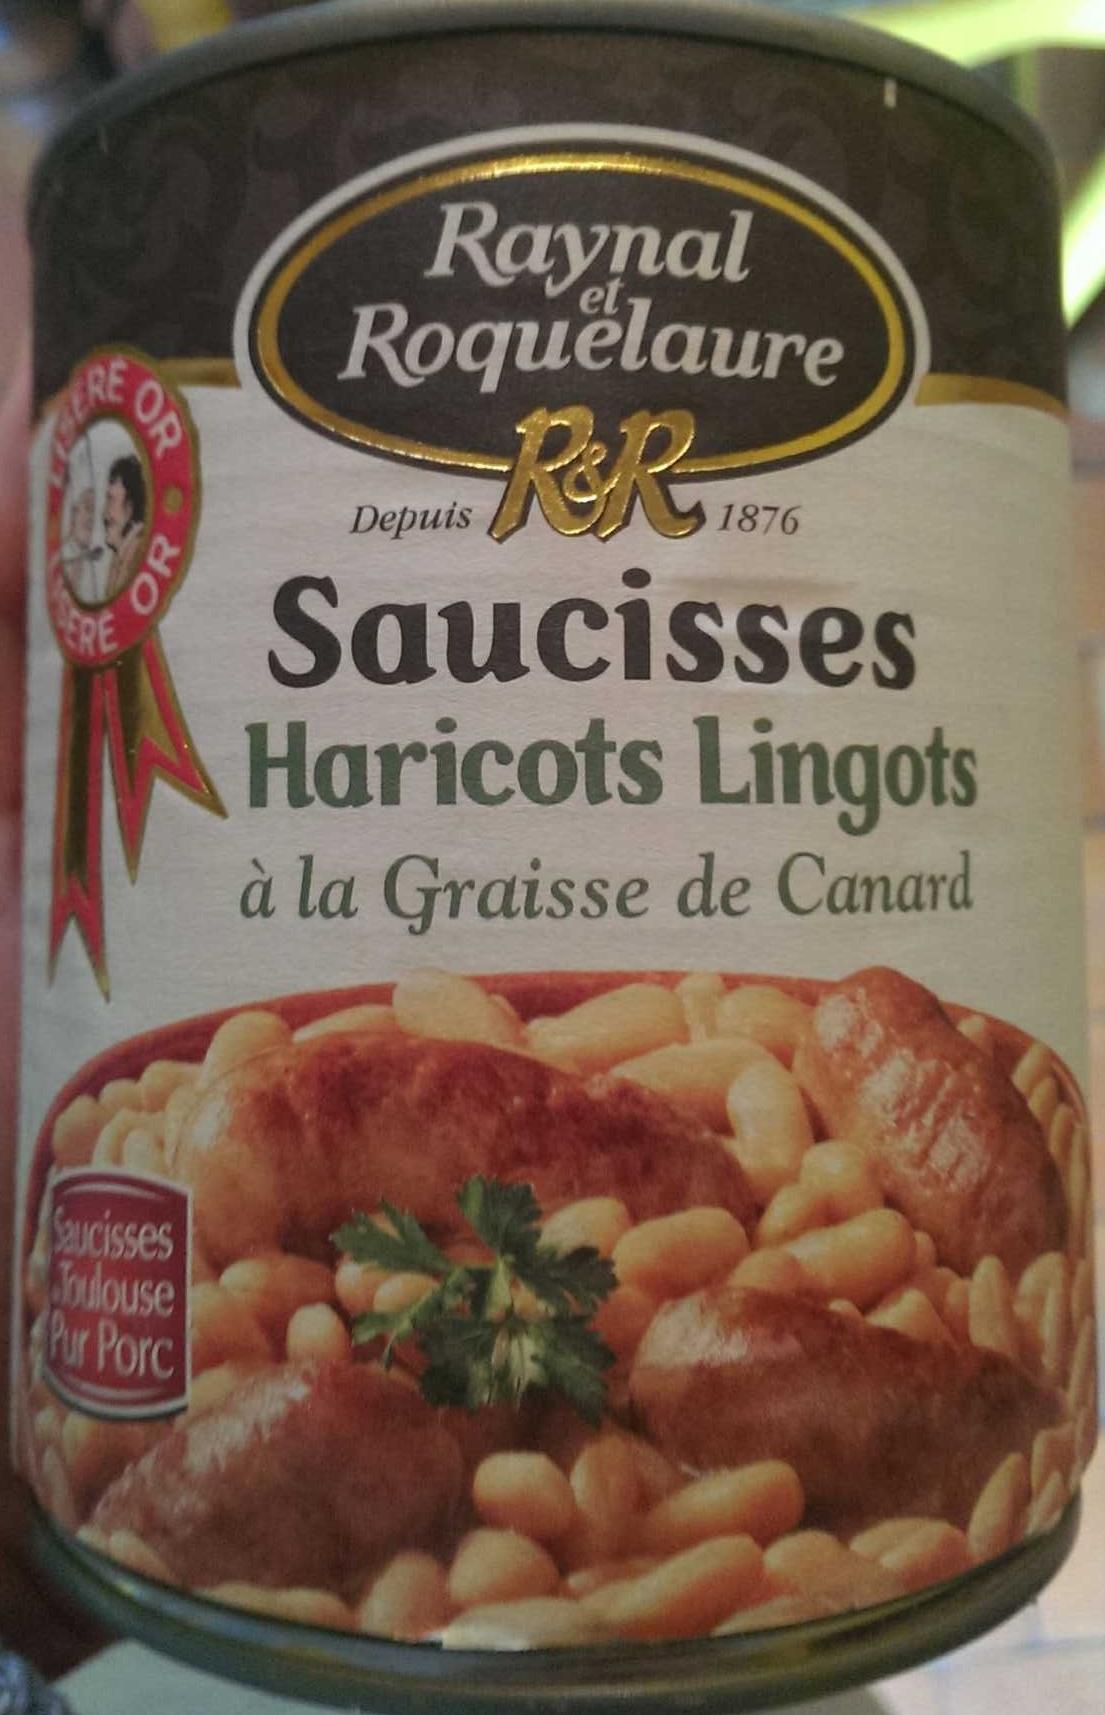 Saucisses Haricots Lingots à la graisse de Canard - Produit - fr